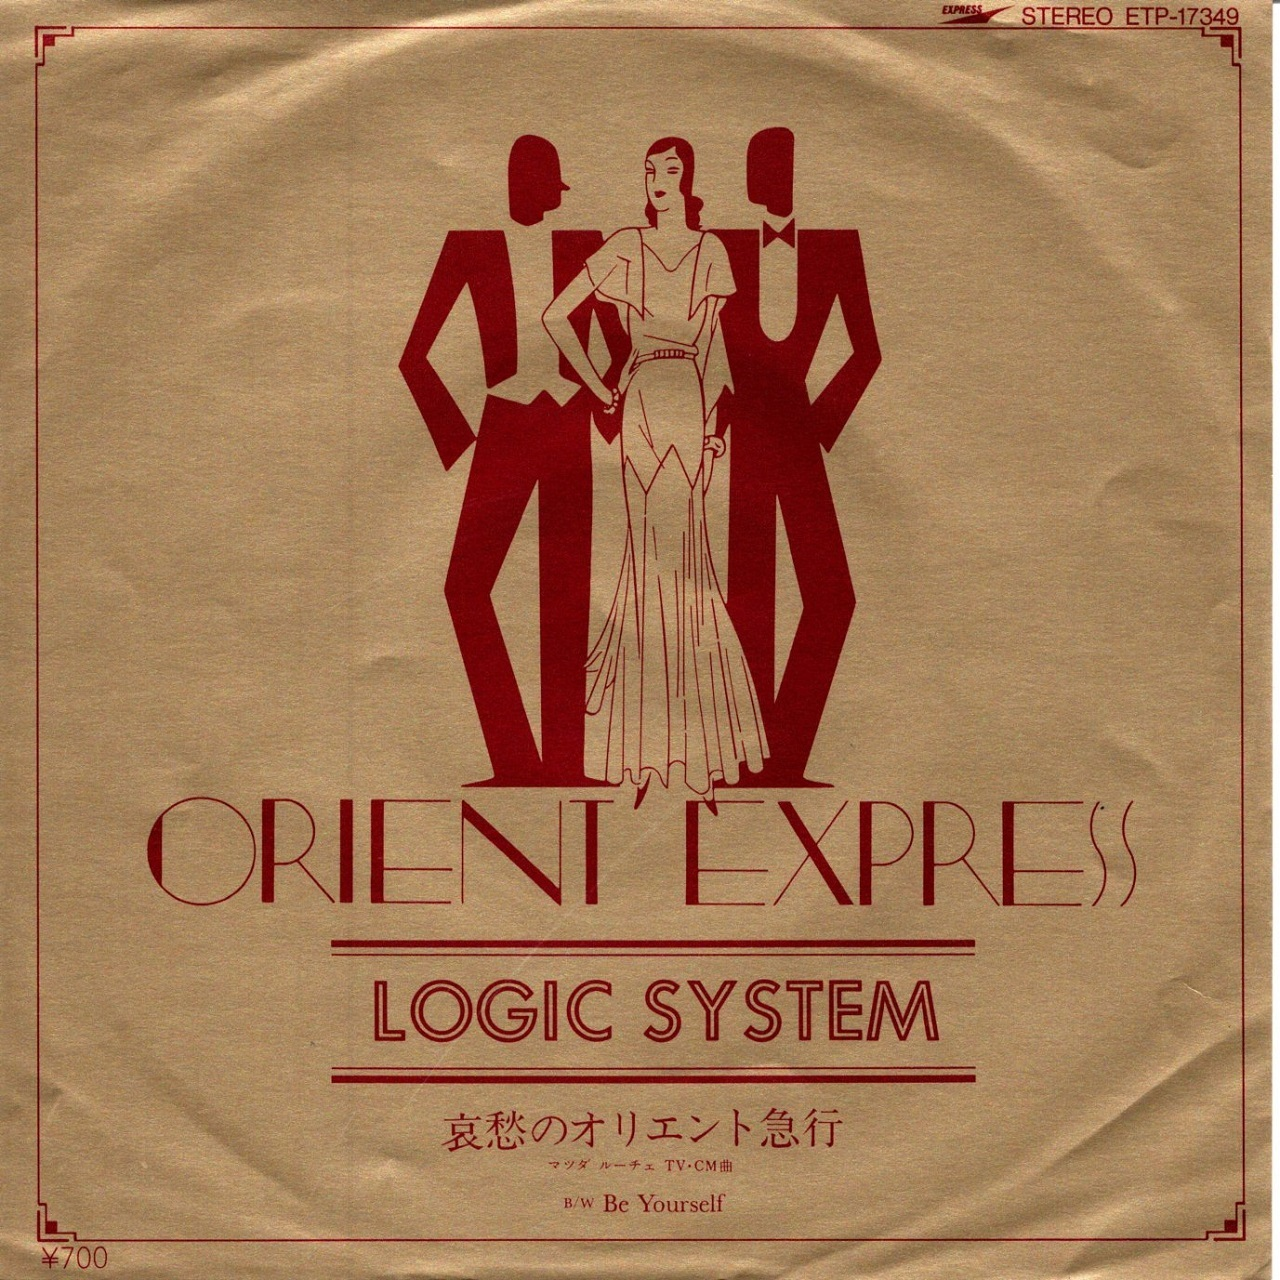 【7inch・国内盤】ロジック・システム (Logic System)  / 哀愁のオリエント急行